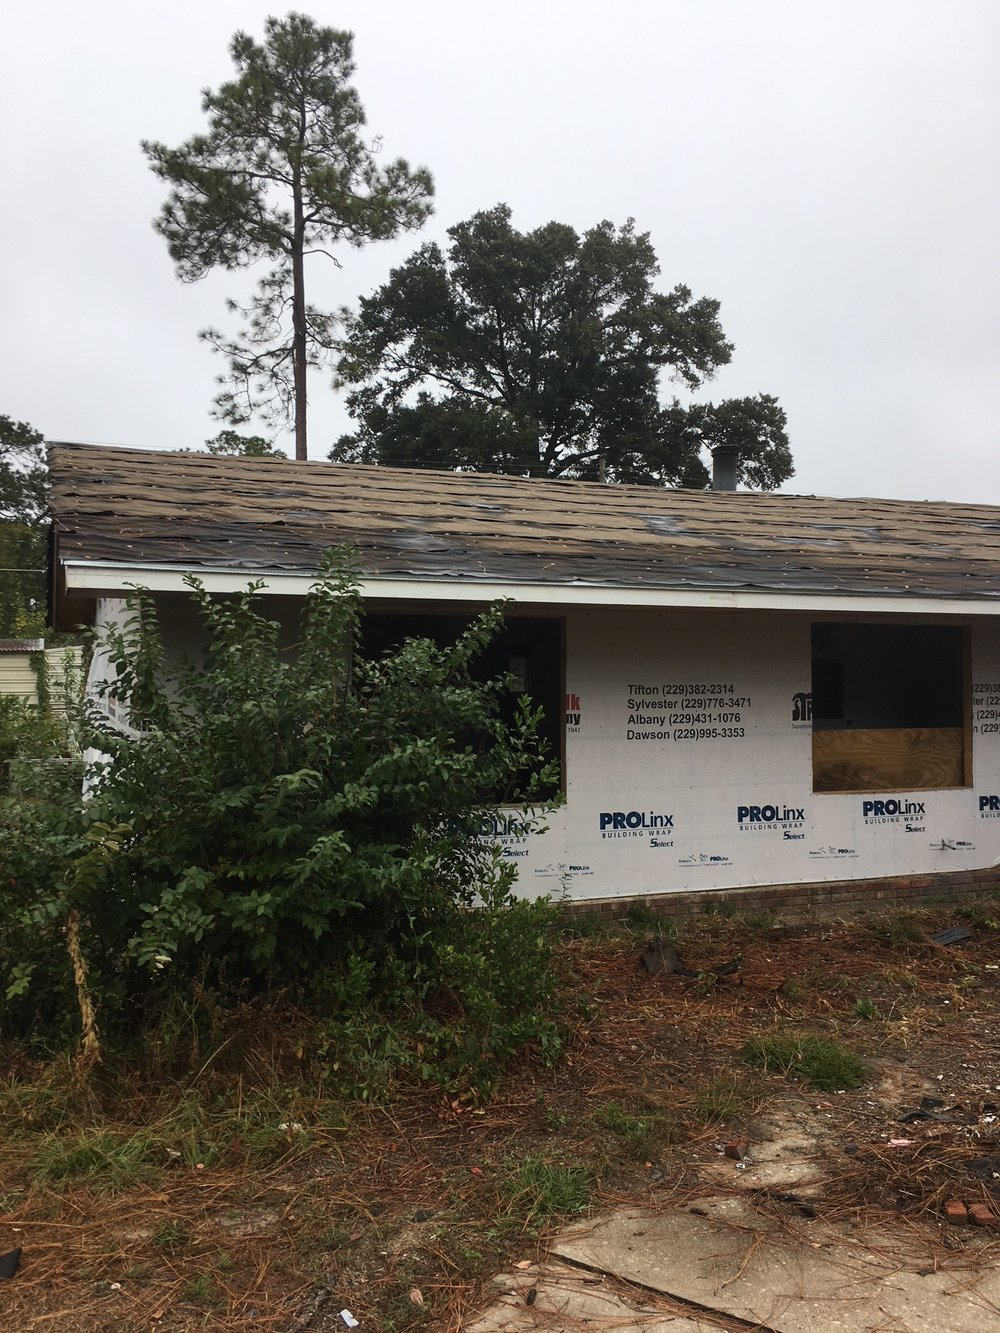 albany roof repair in progress.JPG